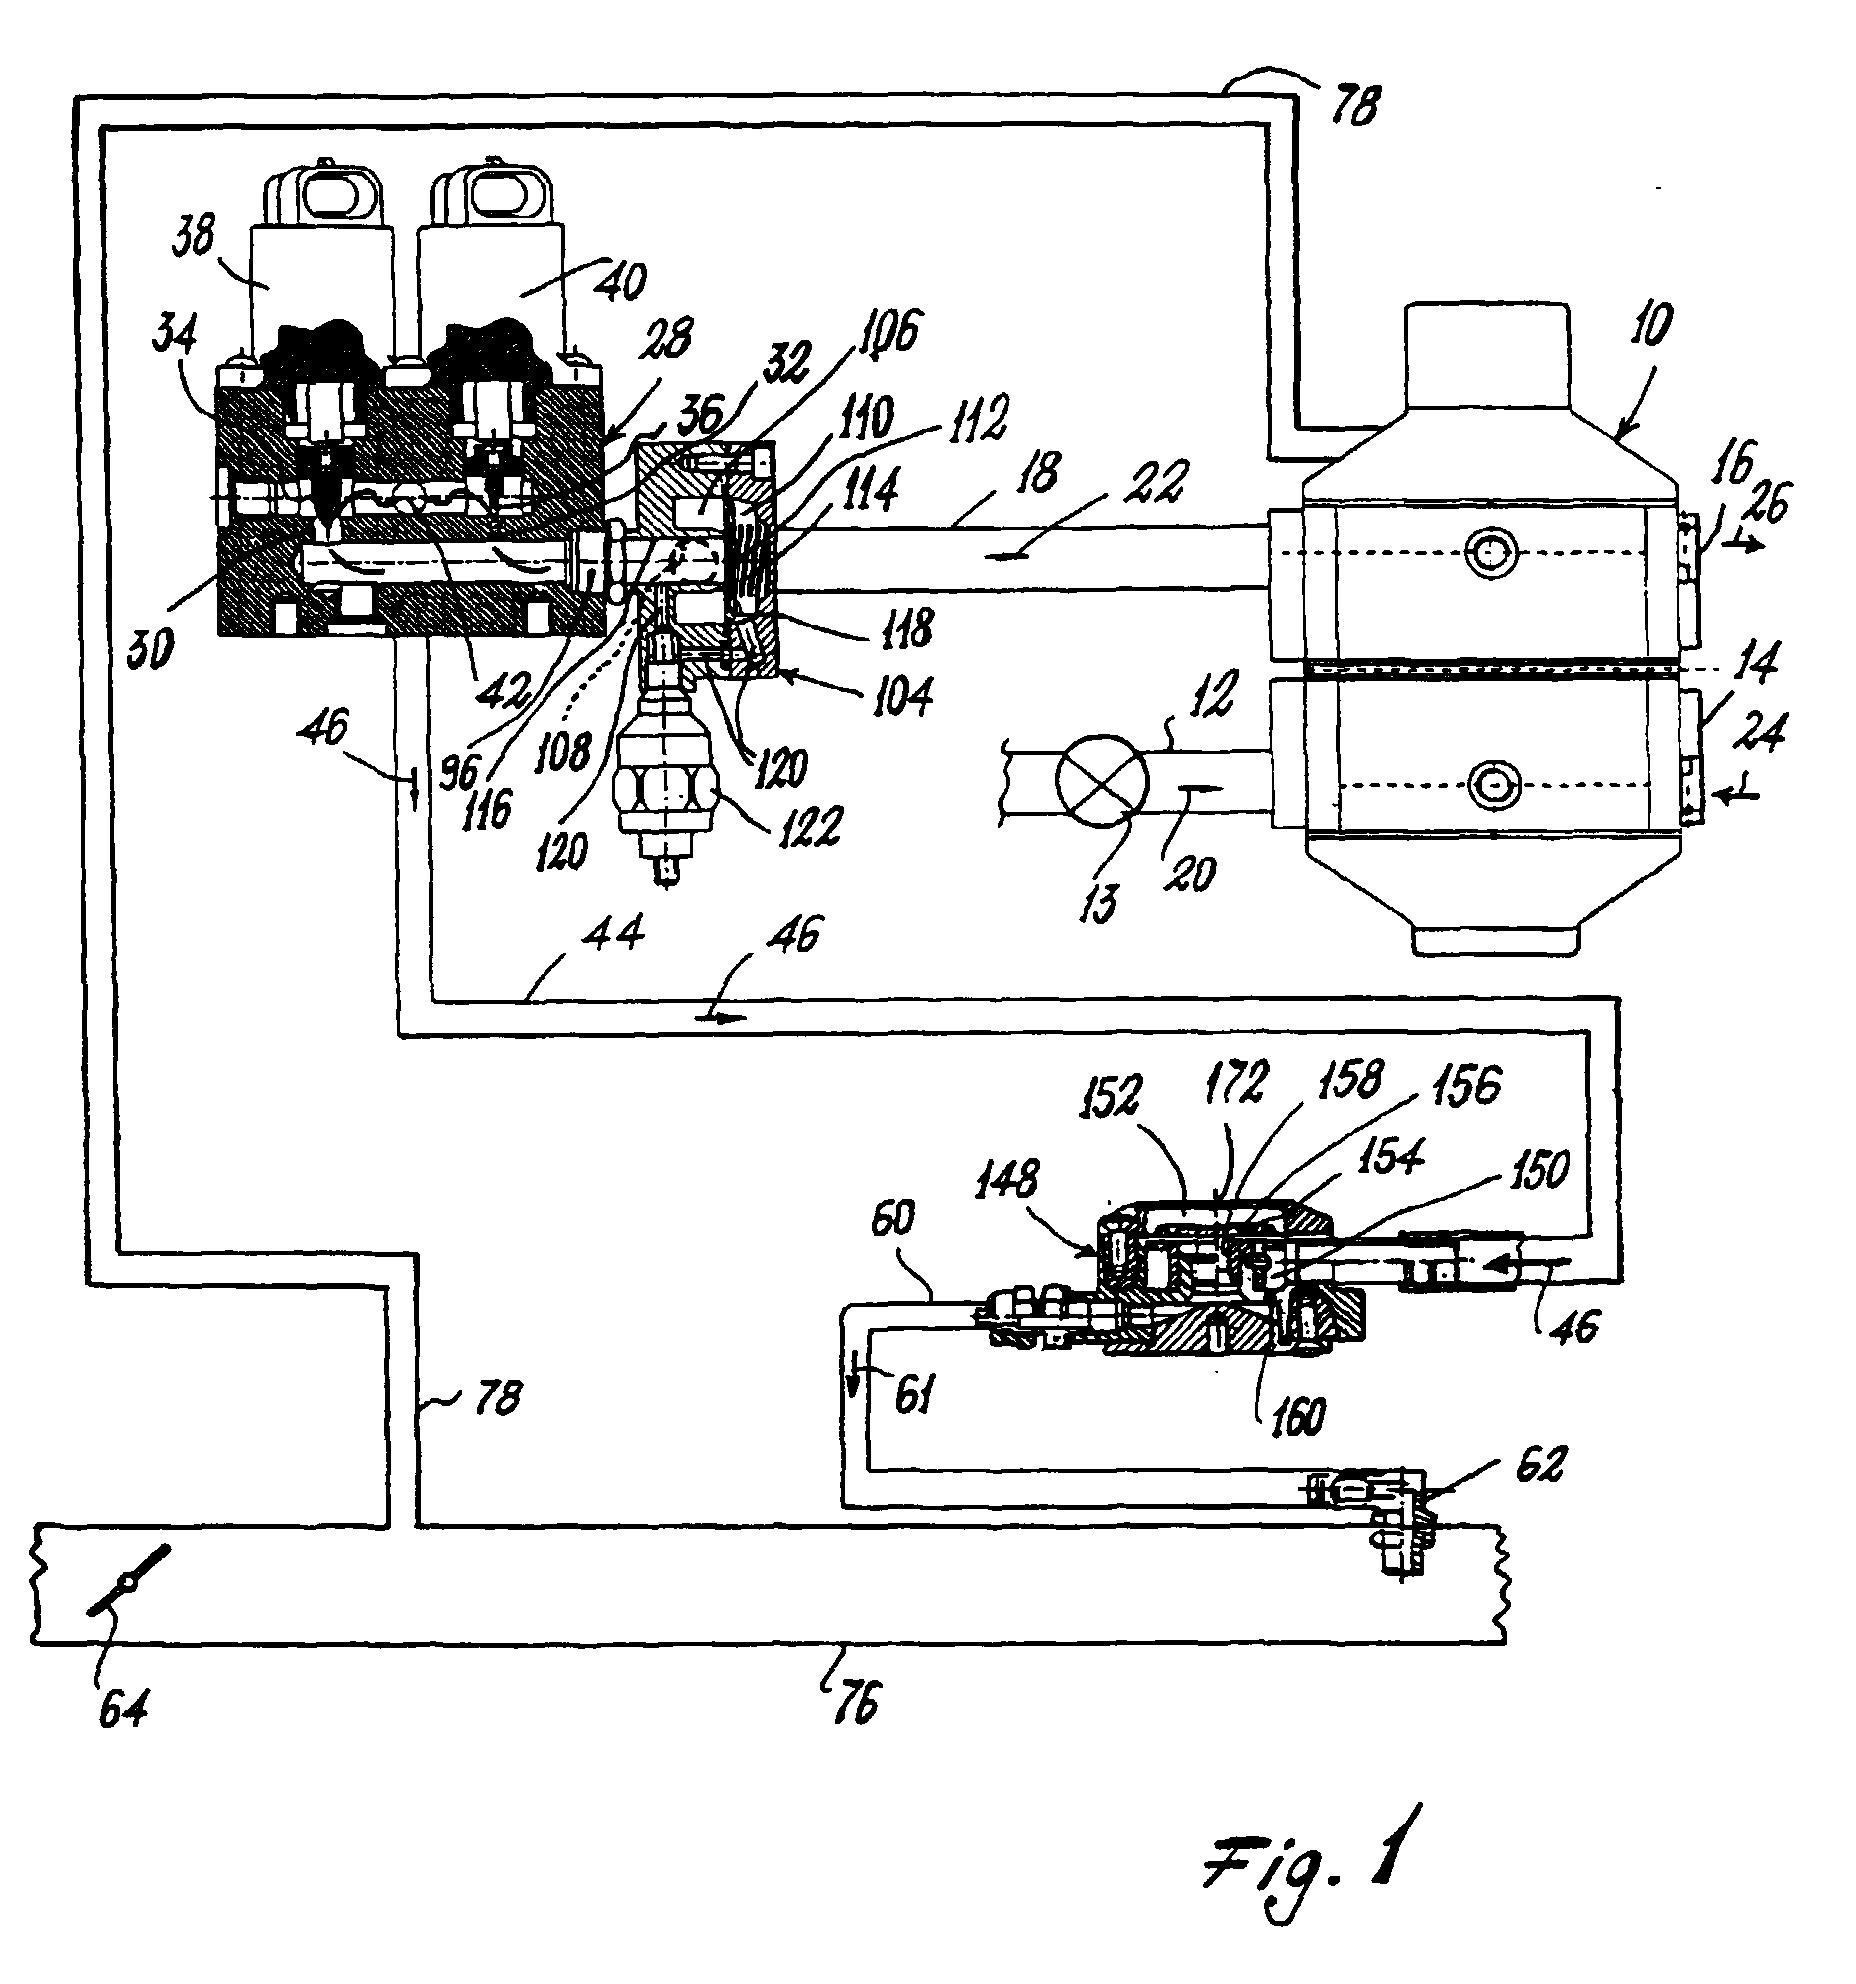 Lpg Wiring Diagram Cars Style By Modernstork